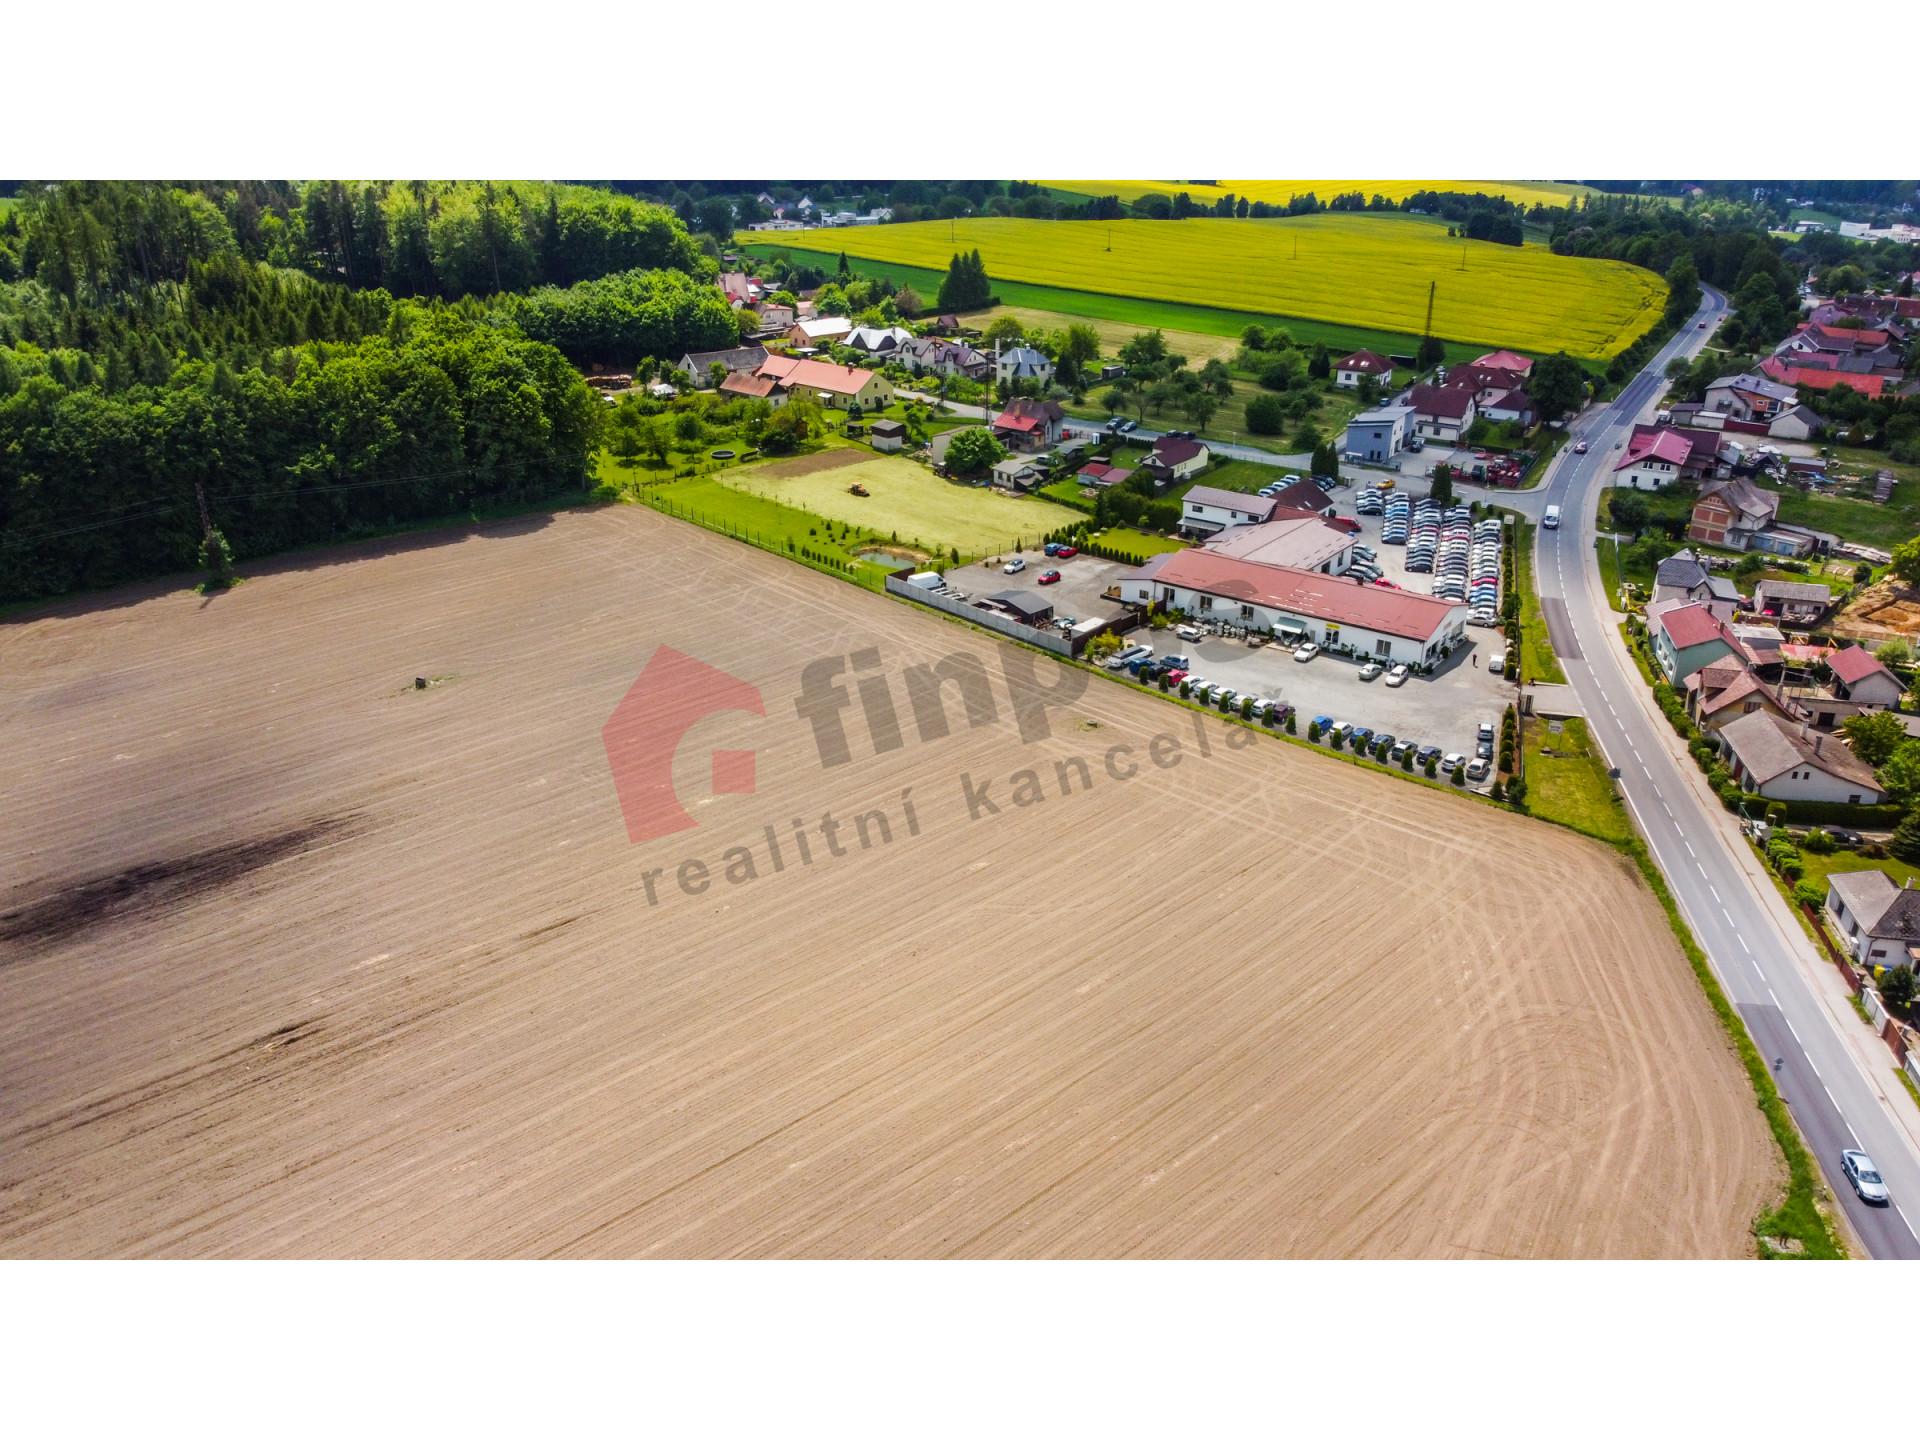 Rozkoš u Humpolce stavební pozemky 11372 m2